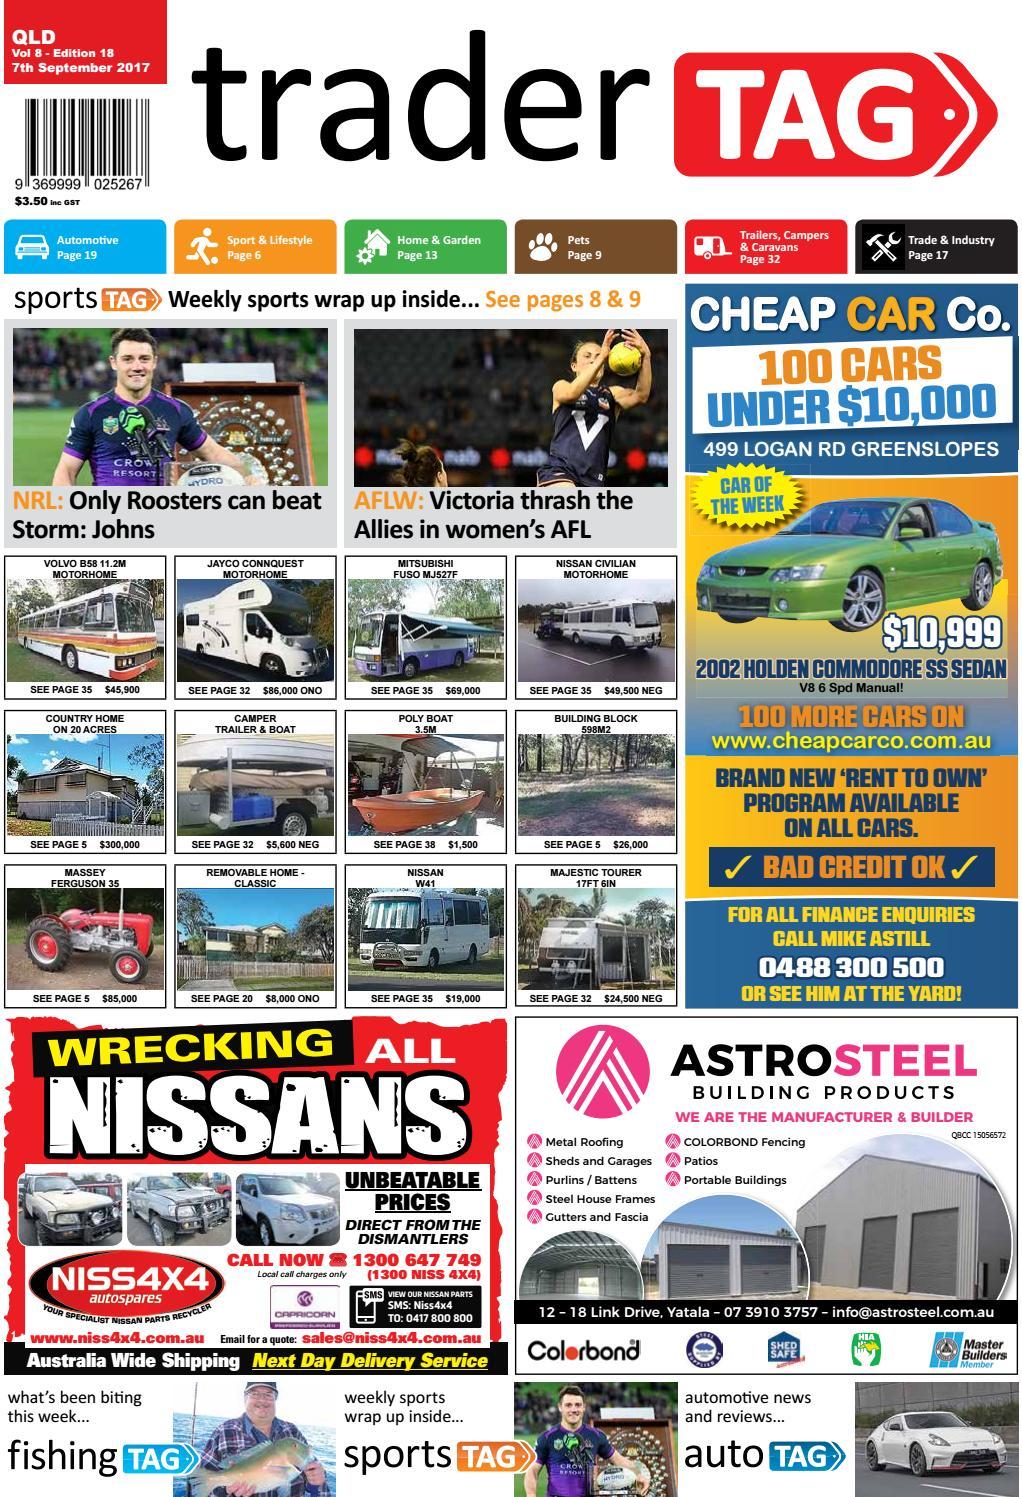 TraderTAG - Queensland - Edition 18 - 2017 by TraderTAG